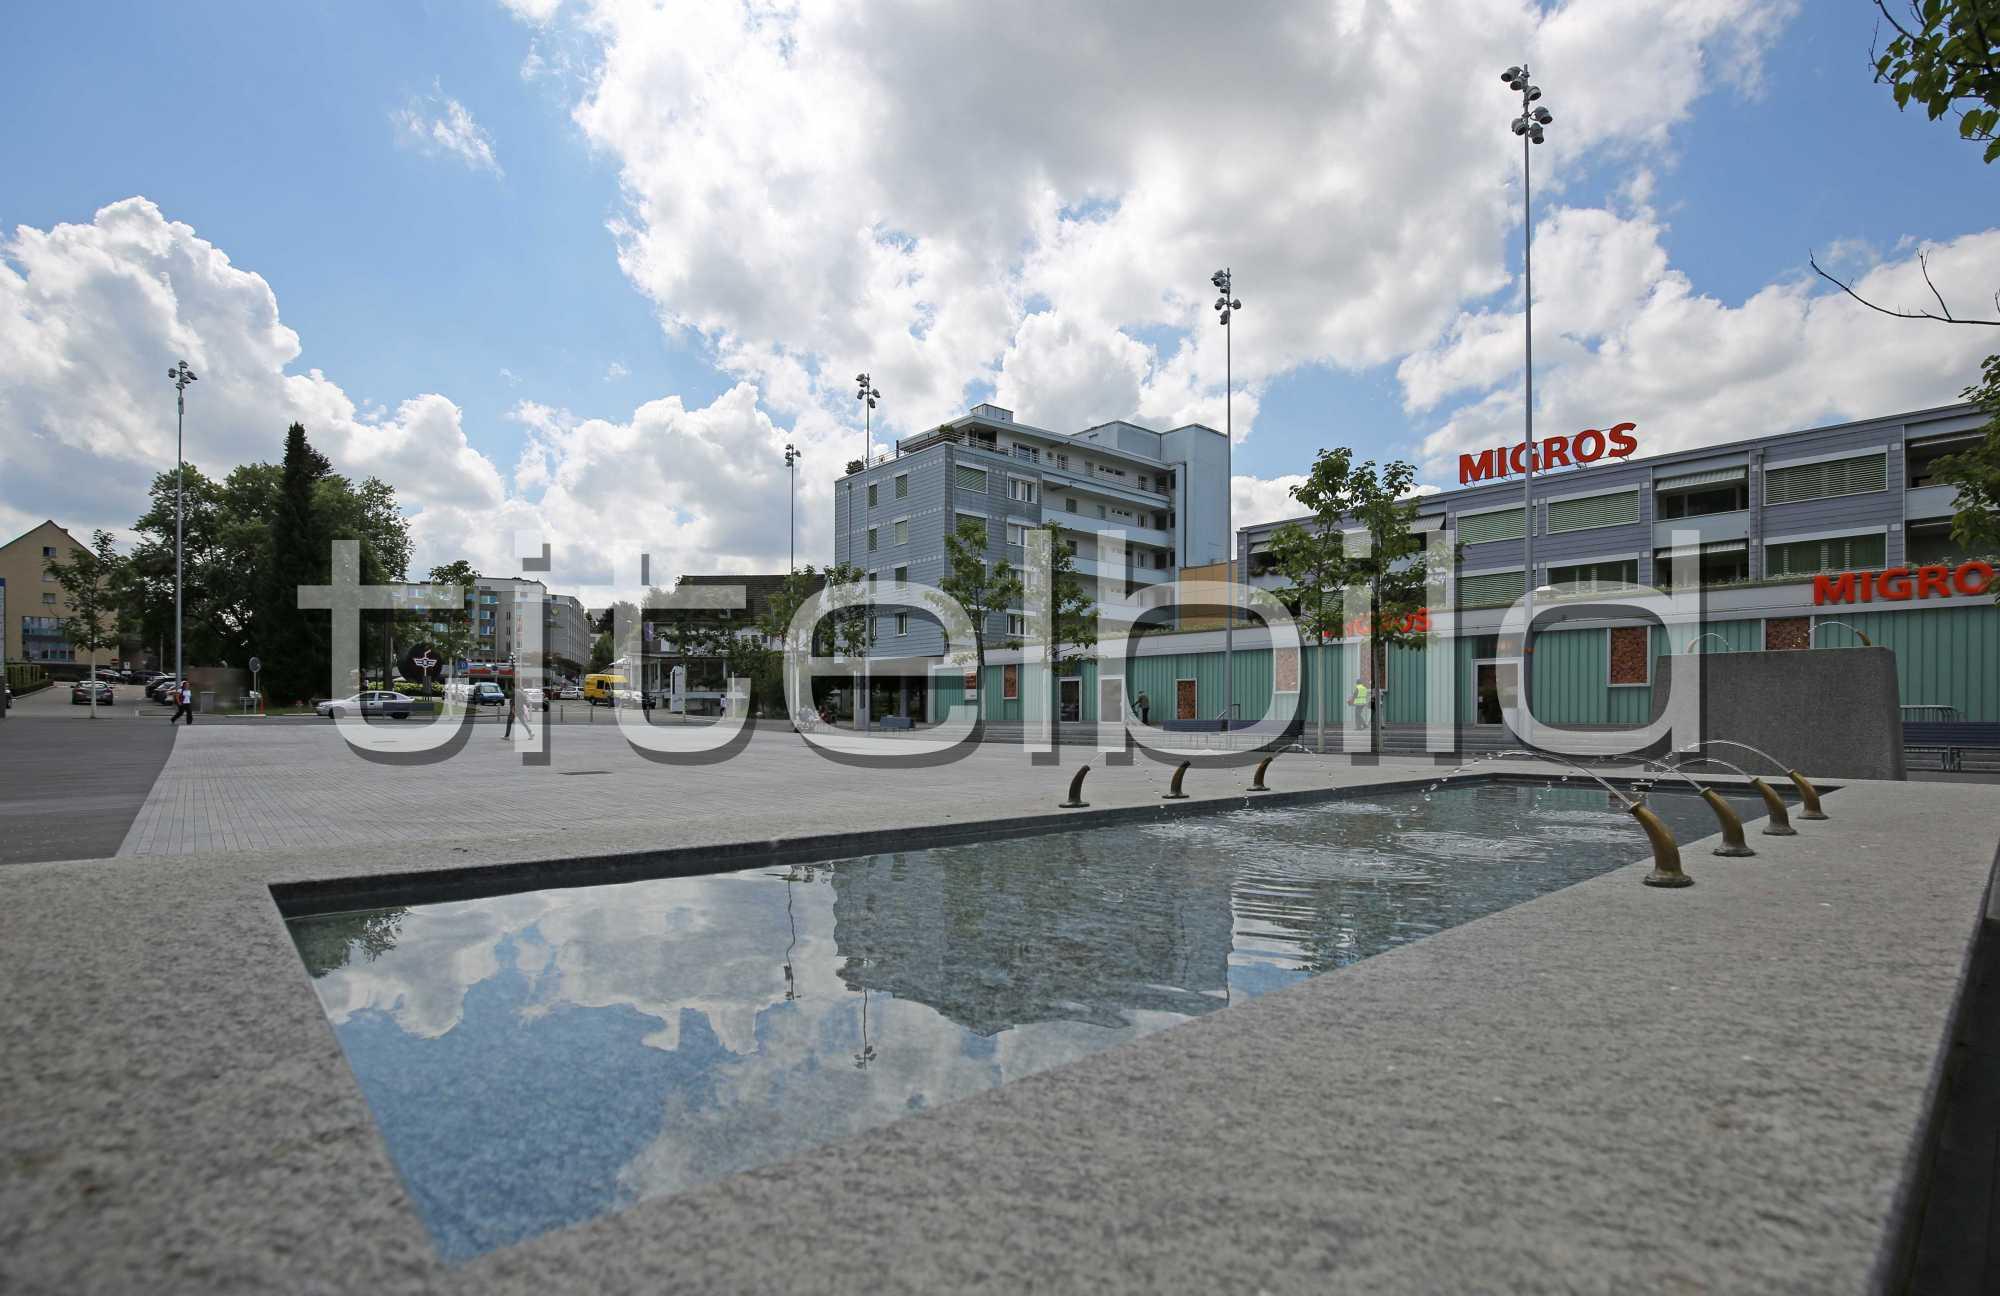 Projektbild-Nr. 5: Stadtplatz Nord, Ersatz Meteorwasser Marktgasse